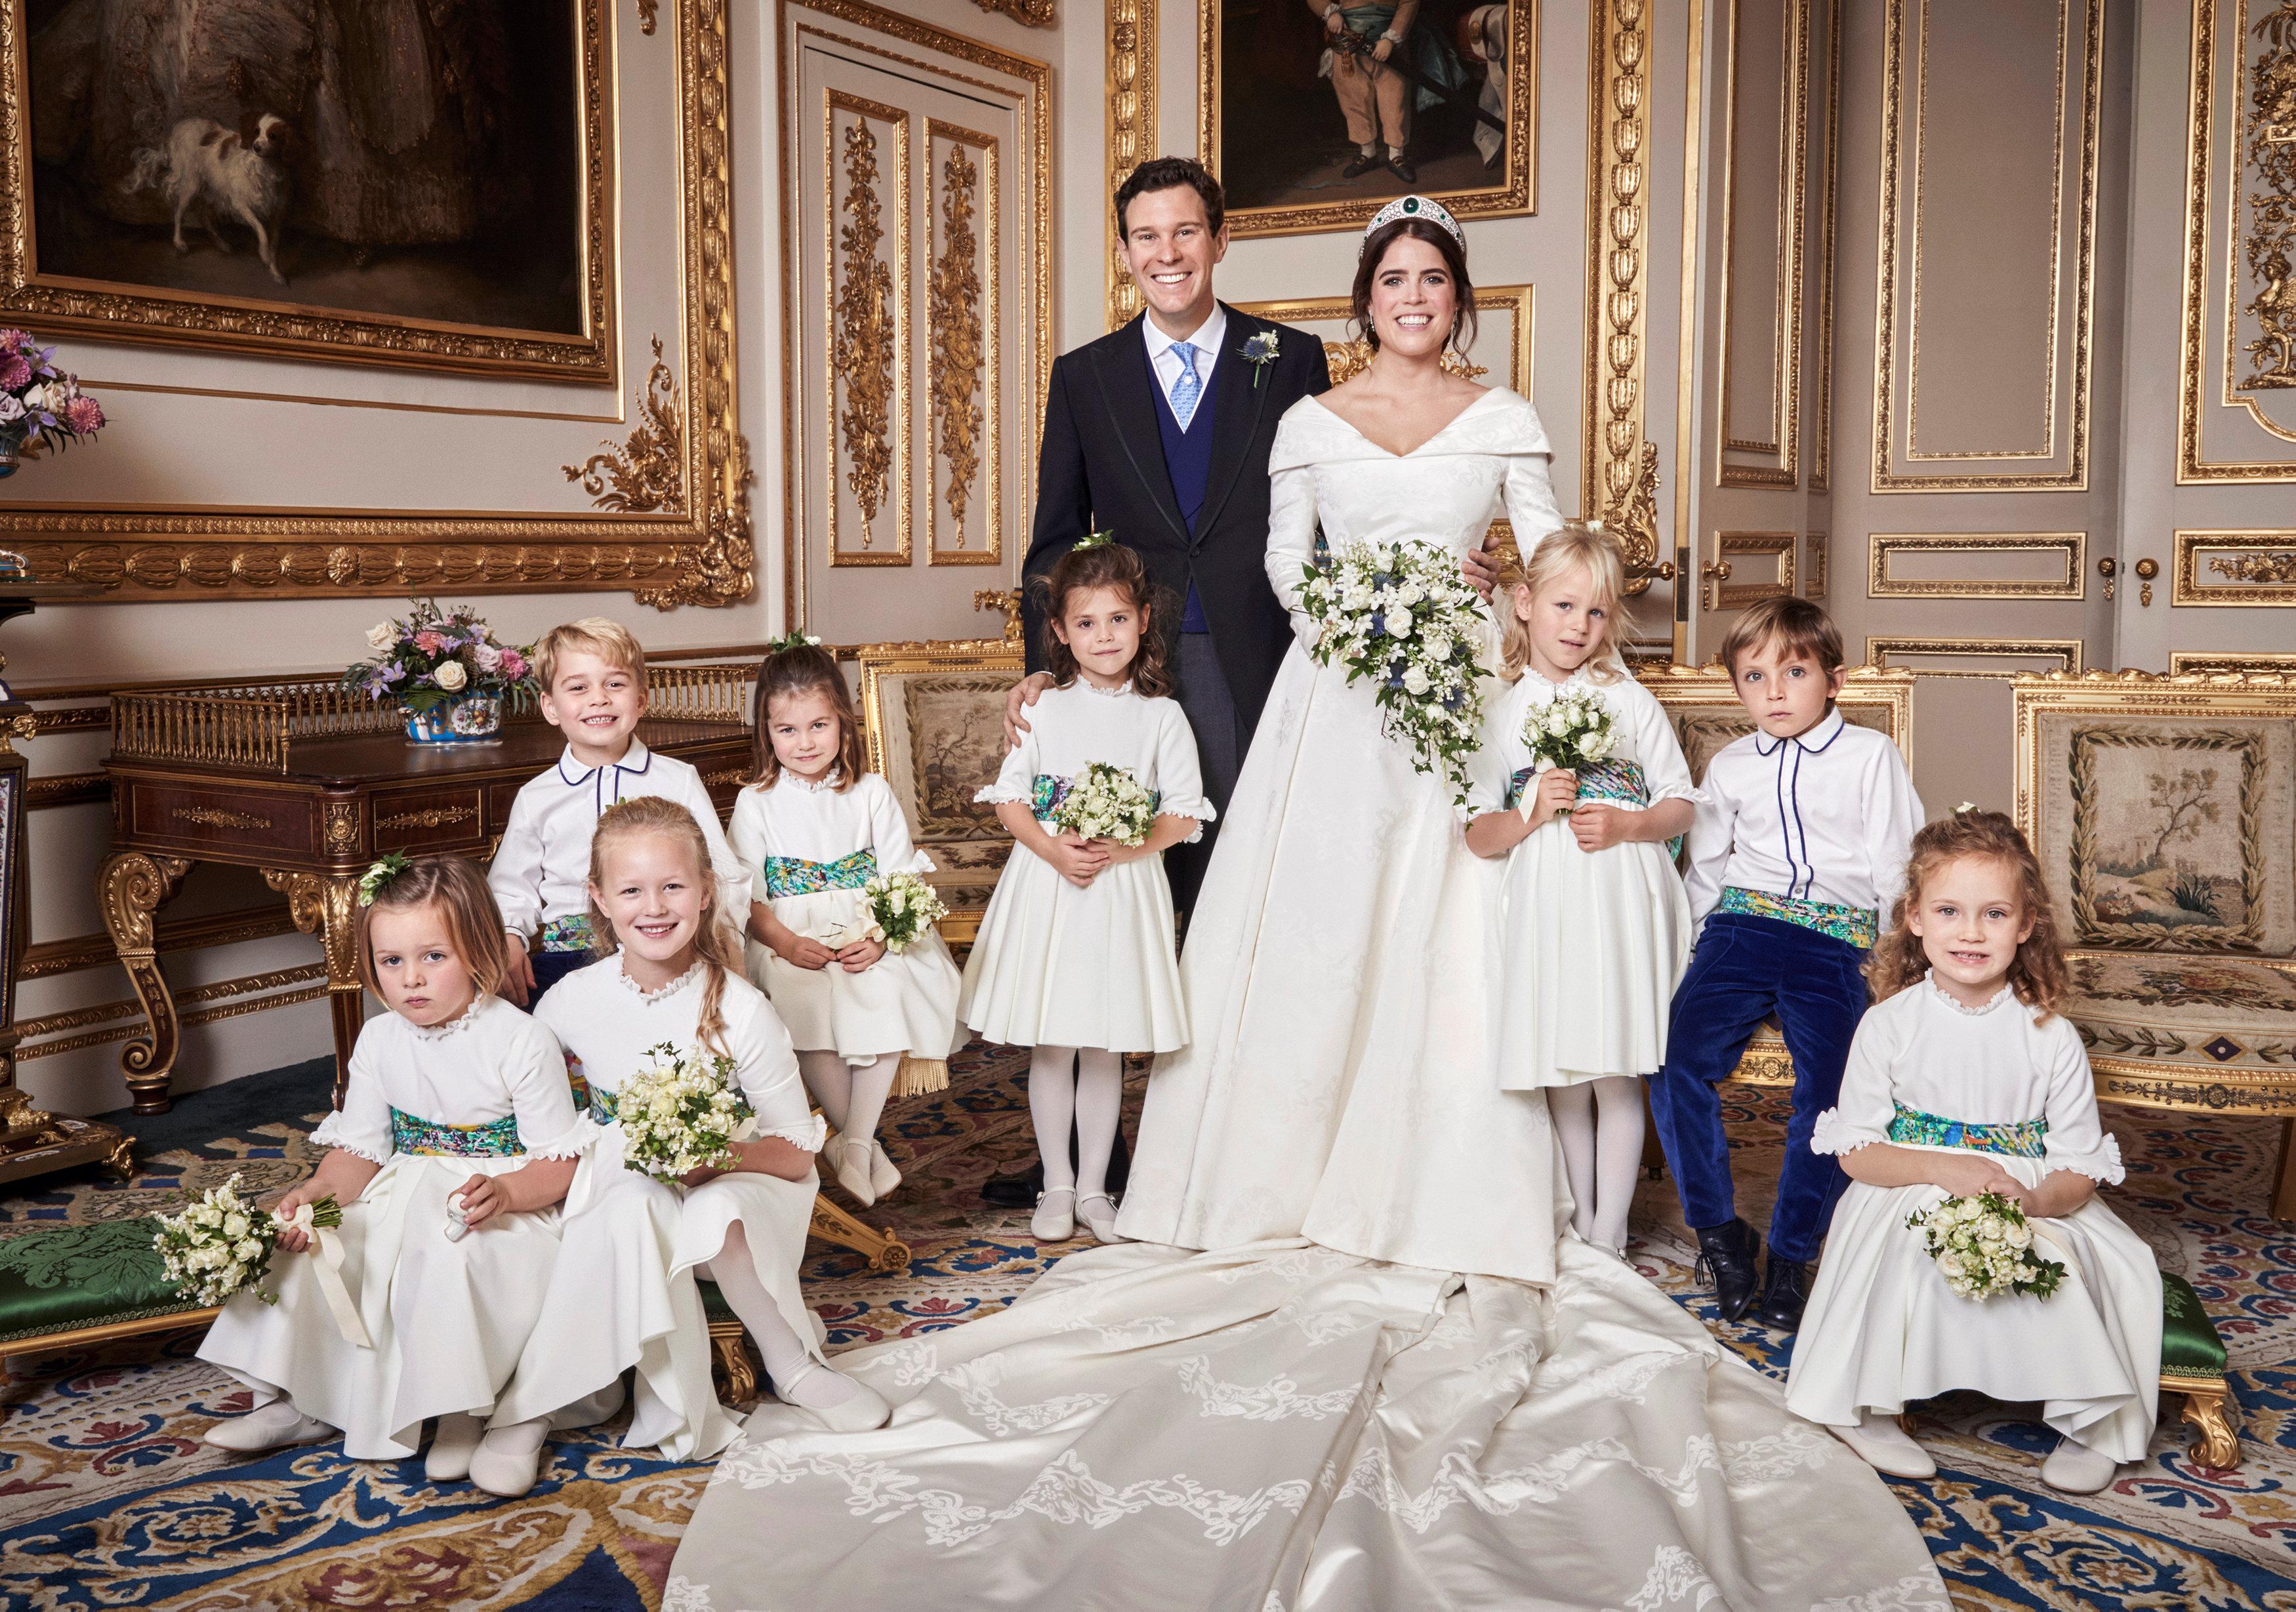 أطفال الأسرة الحاكمة يلتقطون صورة تذكارية مع العروسين